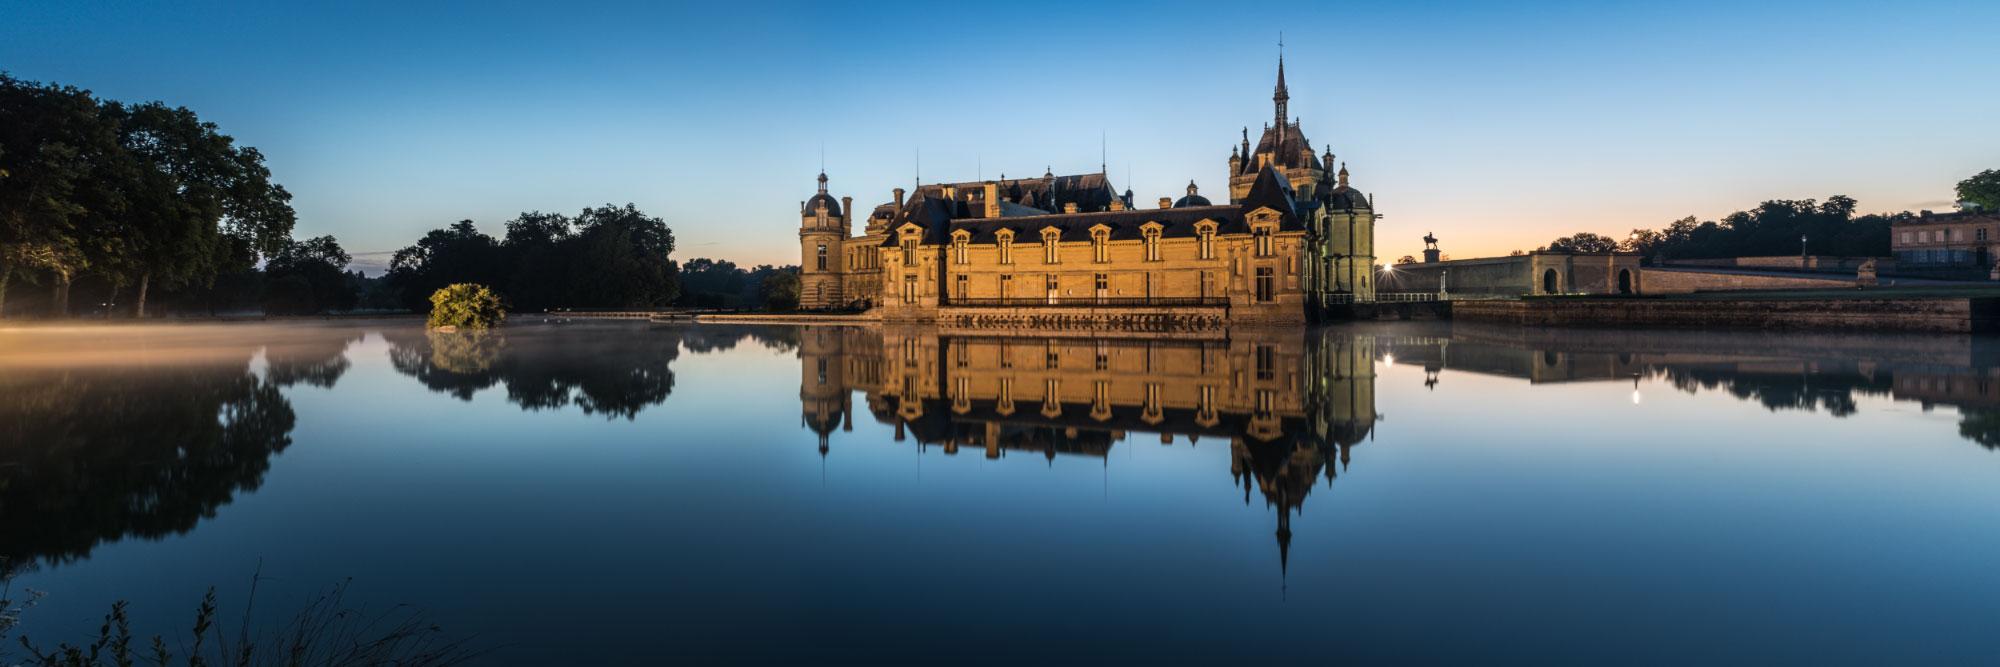 Le château de Chantilly, près d'un affluent de l'Oise